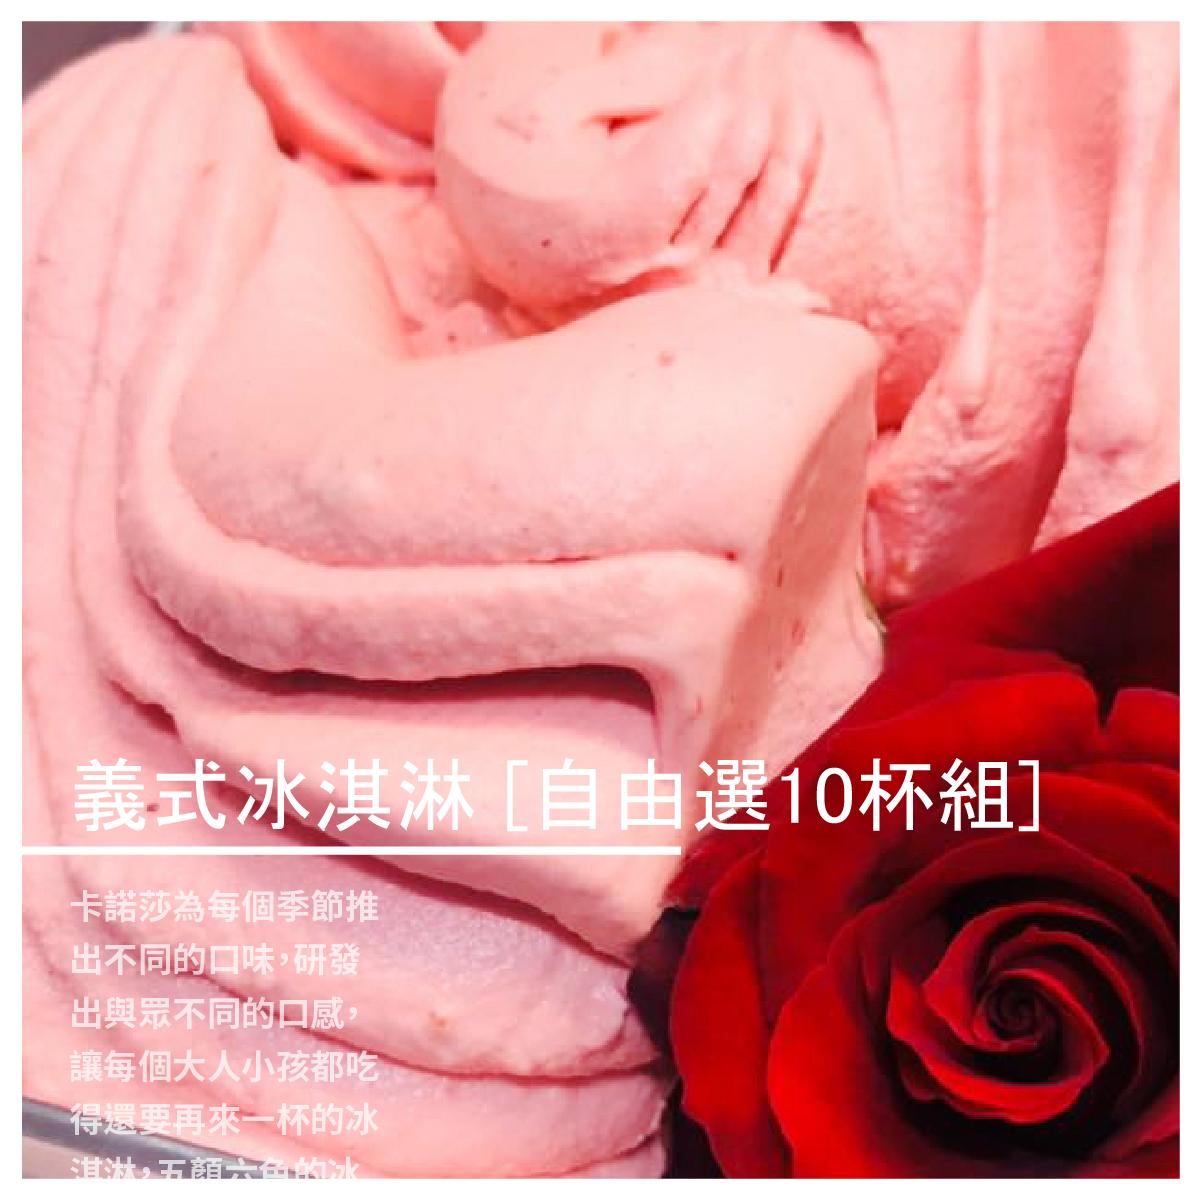 成份:日月潭頂級紅玉、冰淇淋基底粉、全脂鮮奶、砂糖、海藻糖、抗凍糖漿、鮮奶油 ●香蕉牛奶 清爽的香蕉口味加上巧克力醬和脆片更好吃~~ 成份:新鮮香蕉、冰淇淋基底粉、全脂鮮奶、砂糖、海藻糖、抗凍糖漿、鮮